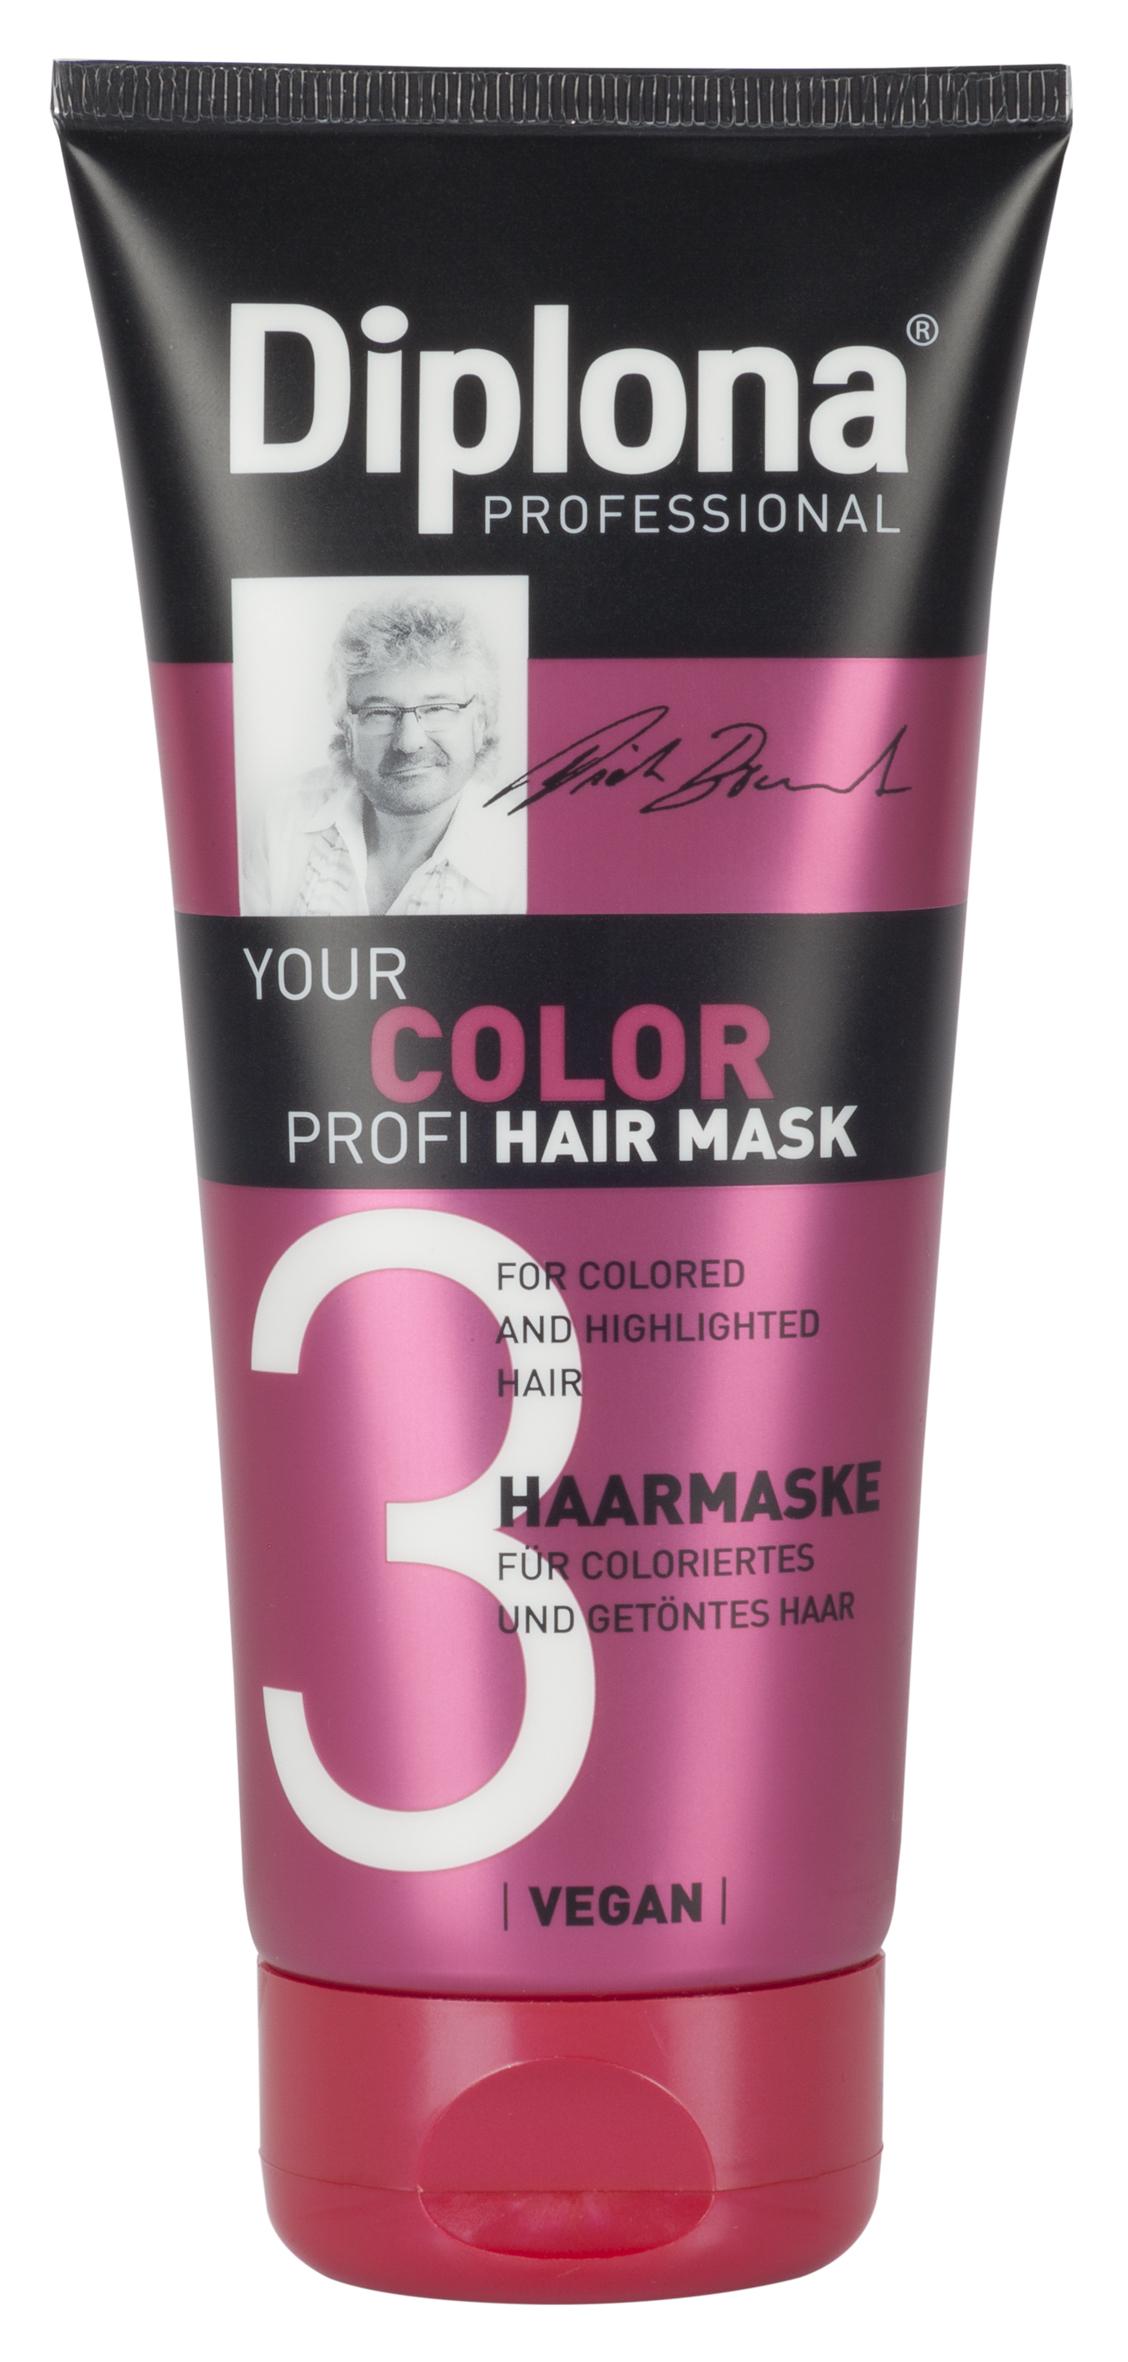 Маска для волос Diplona Professional Your Color Profi, для окрашенных и мелированных волос, 200 мл95181Маска для волос Diplona Professional Your Color Profi - бережный уход для окрашенных и мелированных волос. Основные компоненты: Масло жожоба - богато витамином Е, активизирует процессы регенерации. Обеспечивает защитный слой, не оставляет жирного блеска на коже и волосах. Пантенол - помогает восстановить поврежденные волосяные луковицы и секущиеся концы волос. УФ фильтр осторожно обволакивает волосы, тем самым защищая их от неблагоприятных факторов окружающей среды и предотвращая сухость, ломкость, потускнение и изменение цвета окрашенных и мелированных волос. Экстракт инжира - глубоко увлажняет и смягчает волосы, оказывает восстанавливающее действие. Витамин B3 - способствует росту волос. Протеины пшеницы - способствуют восстановлению блеска и эластичности волос, поддерживает и восстанавливает расщепленные кончики волос, что особенно актуально при использовании красителей для волос. Экстракт Алоэ Вера - регулирует водный баланс волос, способствует сохранению влаги и поддержанию великолепного внешнего вида волос. Характеристики: Объем: 200 мл. Производитель: Германия. Артикул: 95181.Diplona Professionalсуществует на немецком рынке более 40 лет, была разработана совместно с лучшим стилистом, неоднократным победителем конкурсов парикмахерского искусства Германии и основателем немецких салонов красоты с 60-летней историей Дитером Брюннетом.Товар сертифицирован.